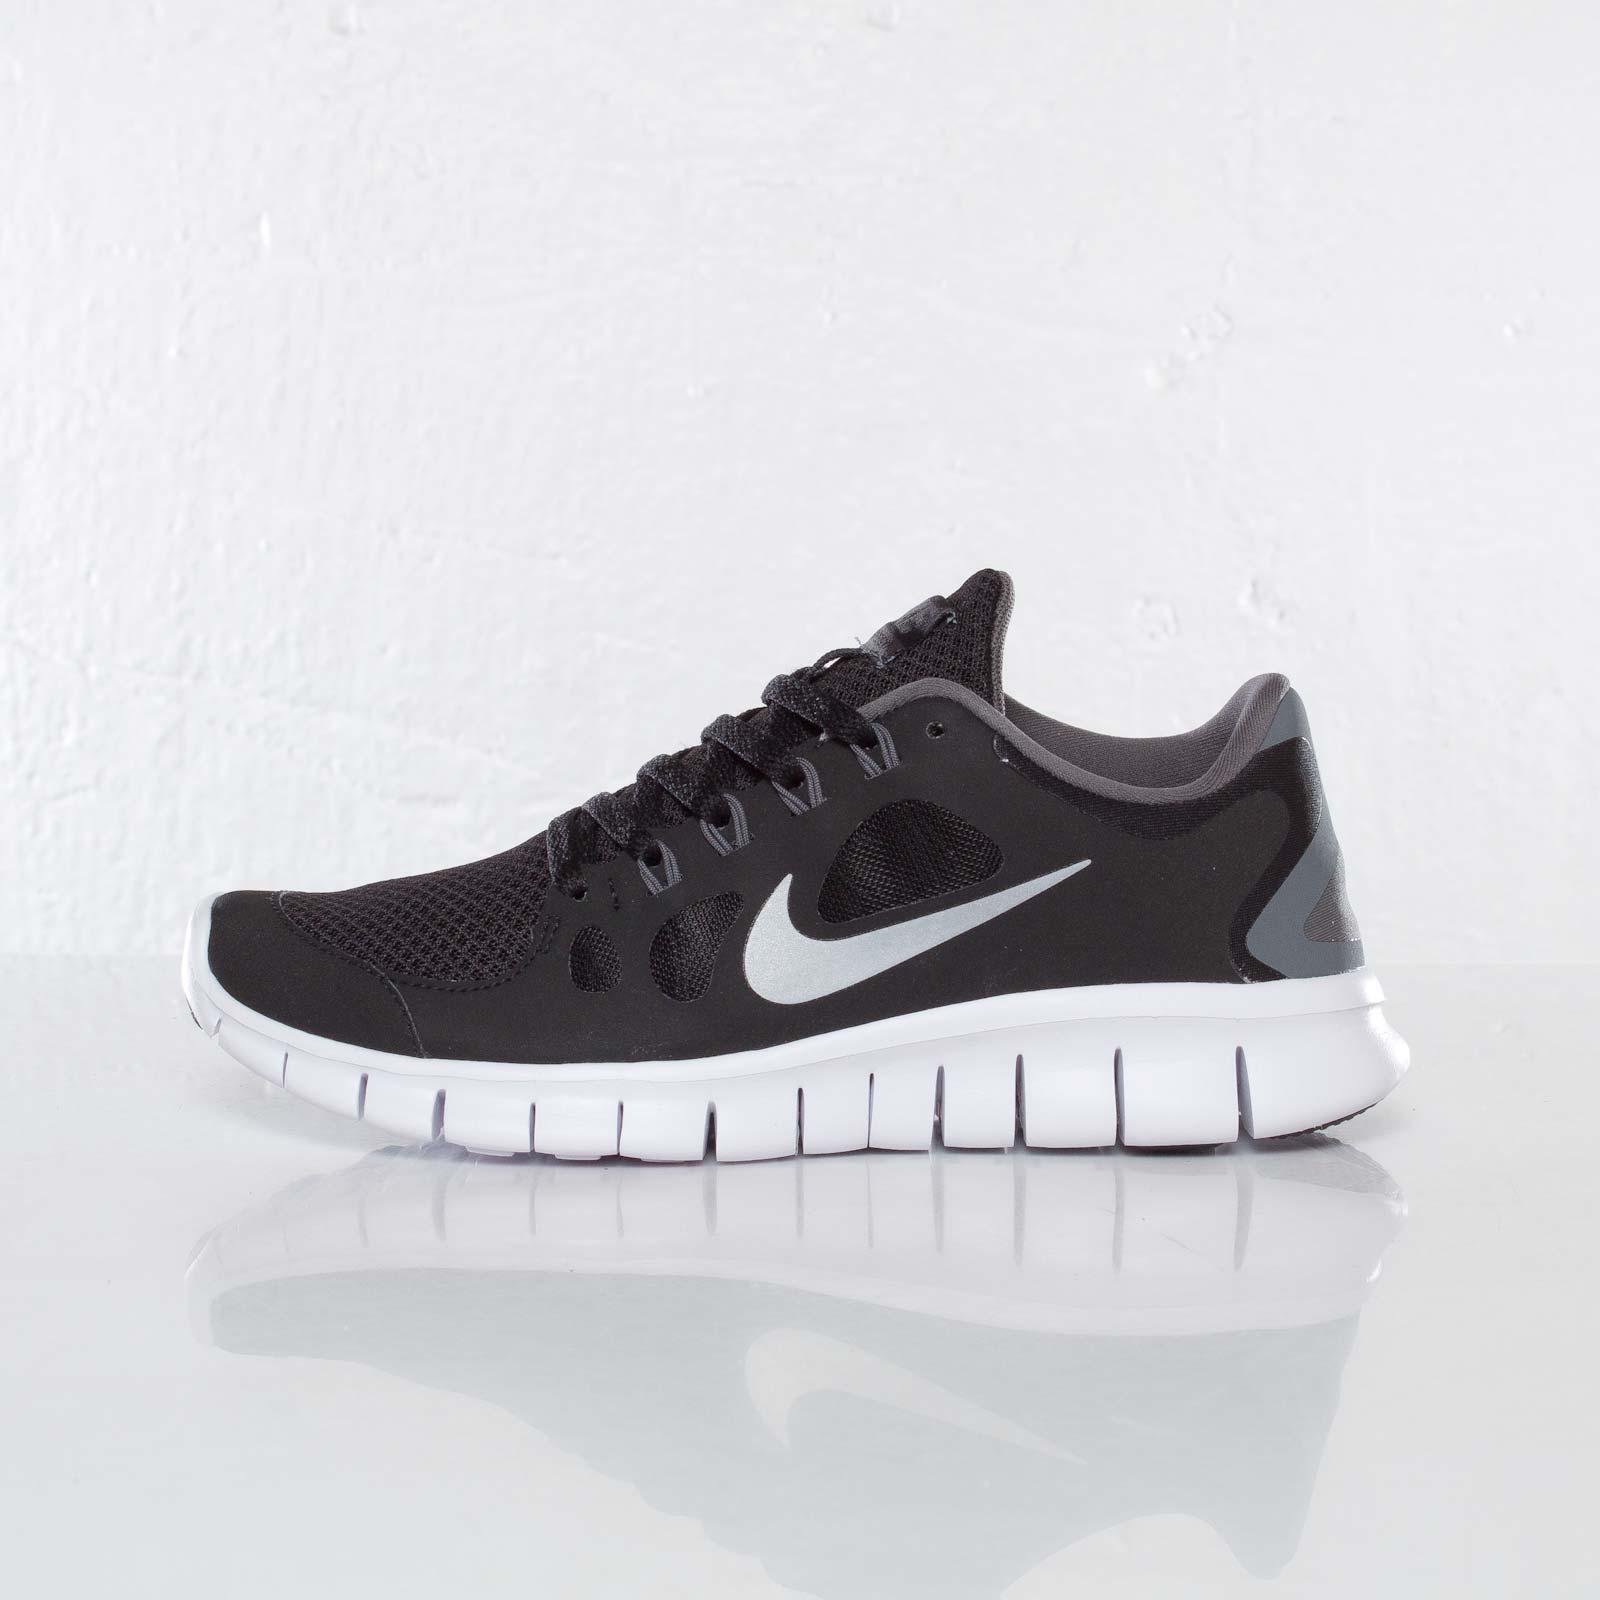 newest ce59b 145d2 Nike Free 5.0 (GS) - 580558-001 - Sneakersnstuff   sneakers   streetwear  online since 1999